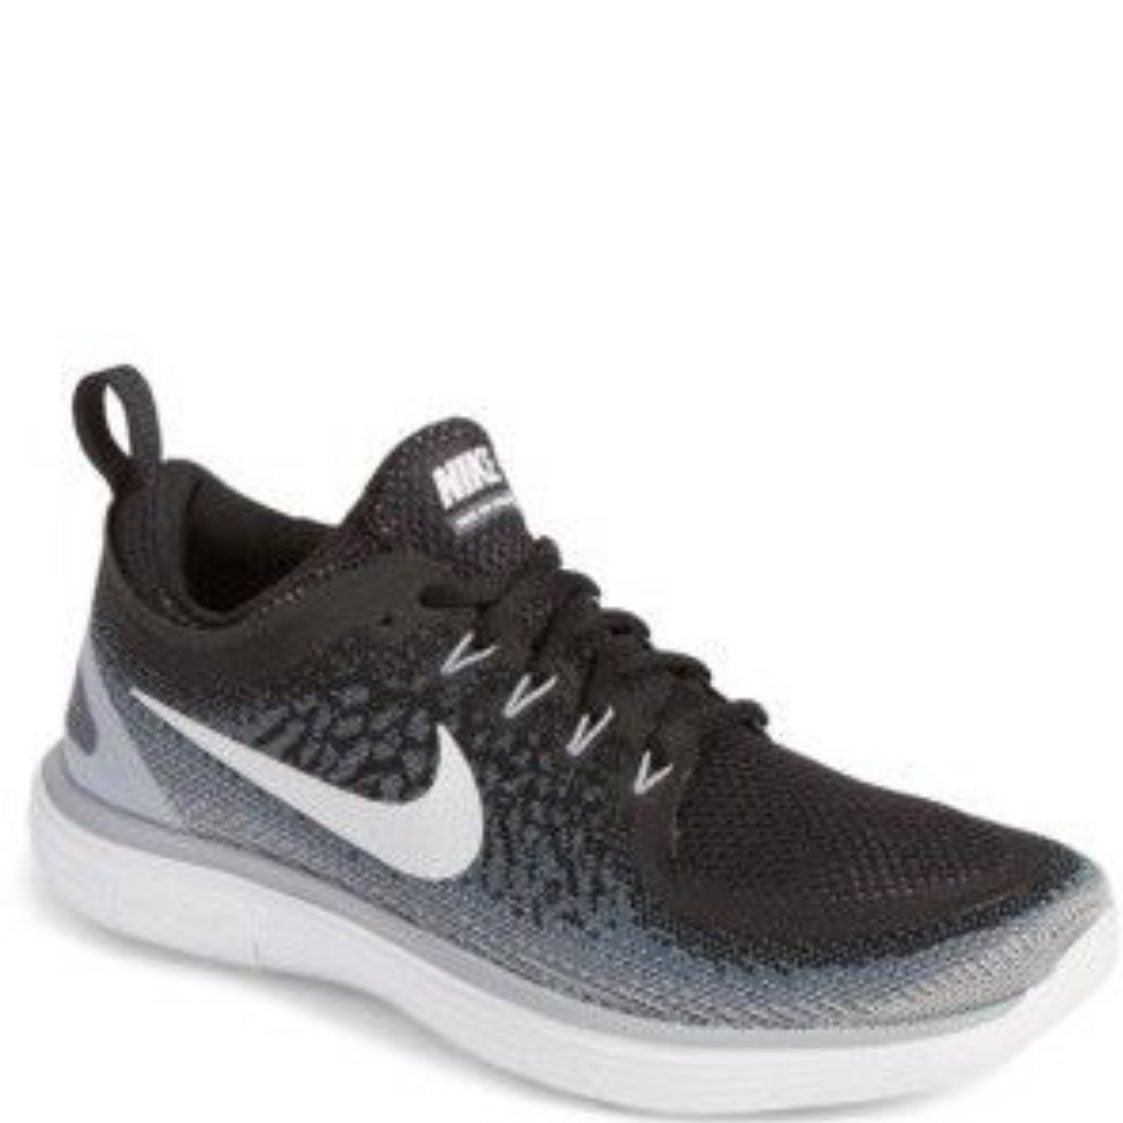 Ladies Nike Free Lunarlon Sneakers